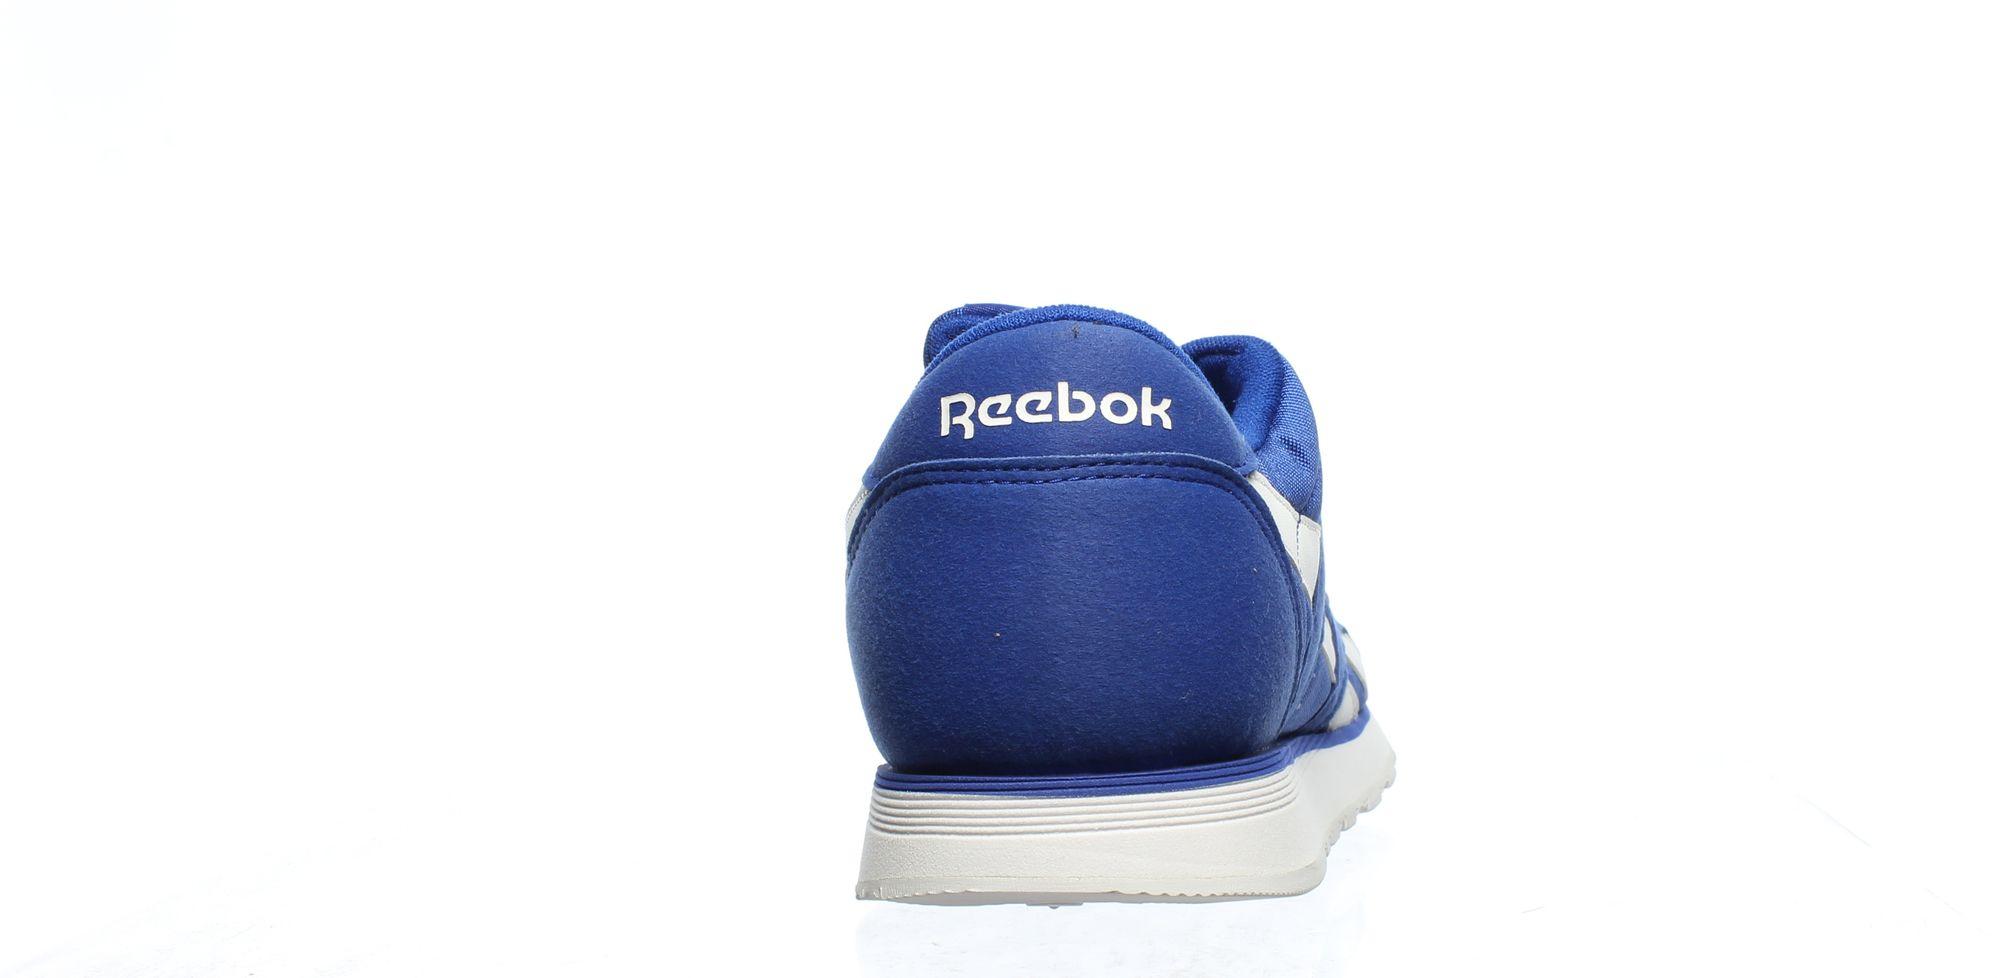 Reebok-Mens-Cl-Nylon-Fashion-Sneakers thumbnail 12